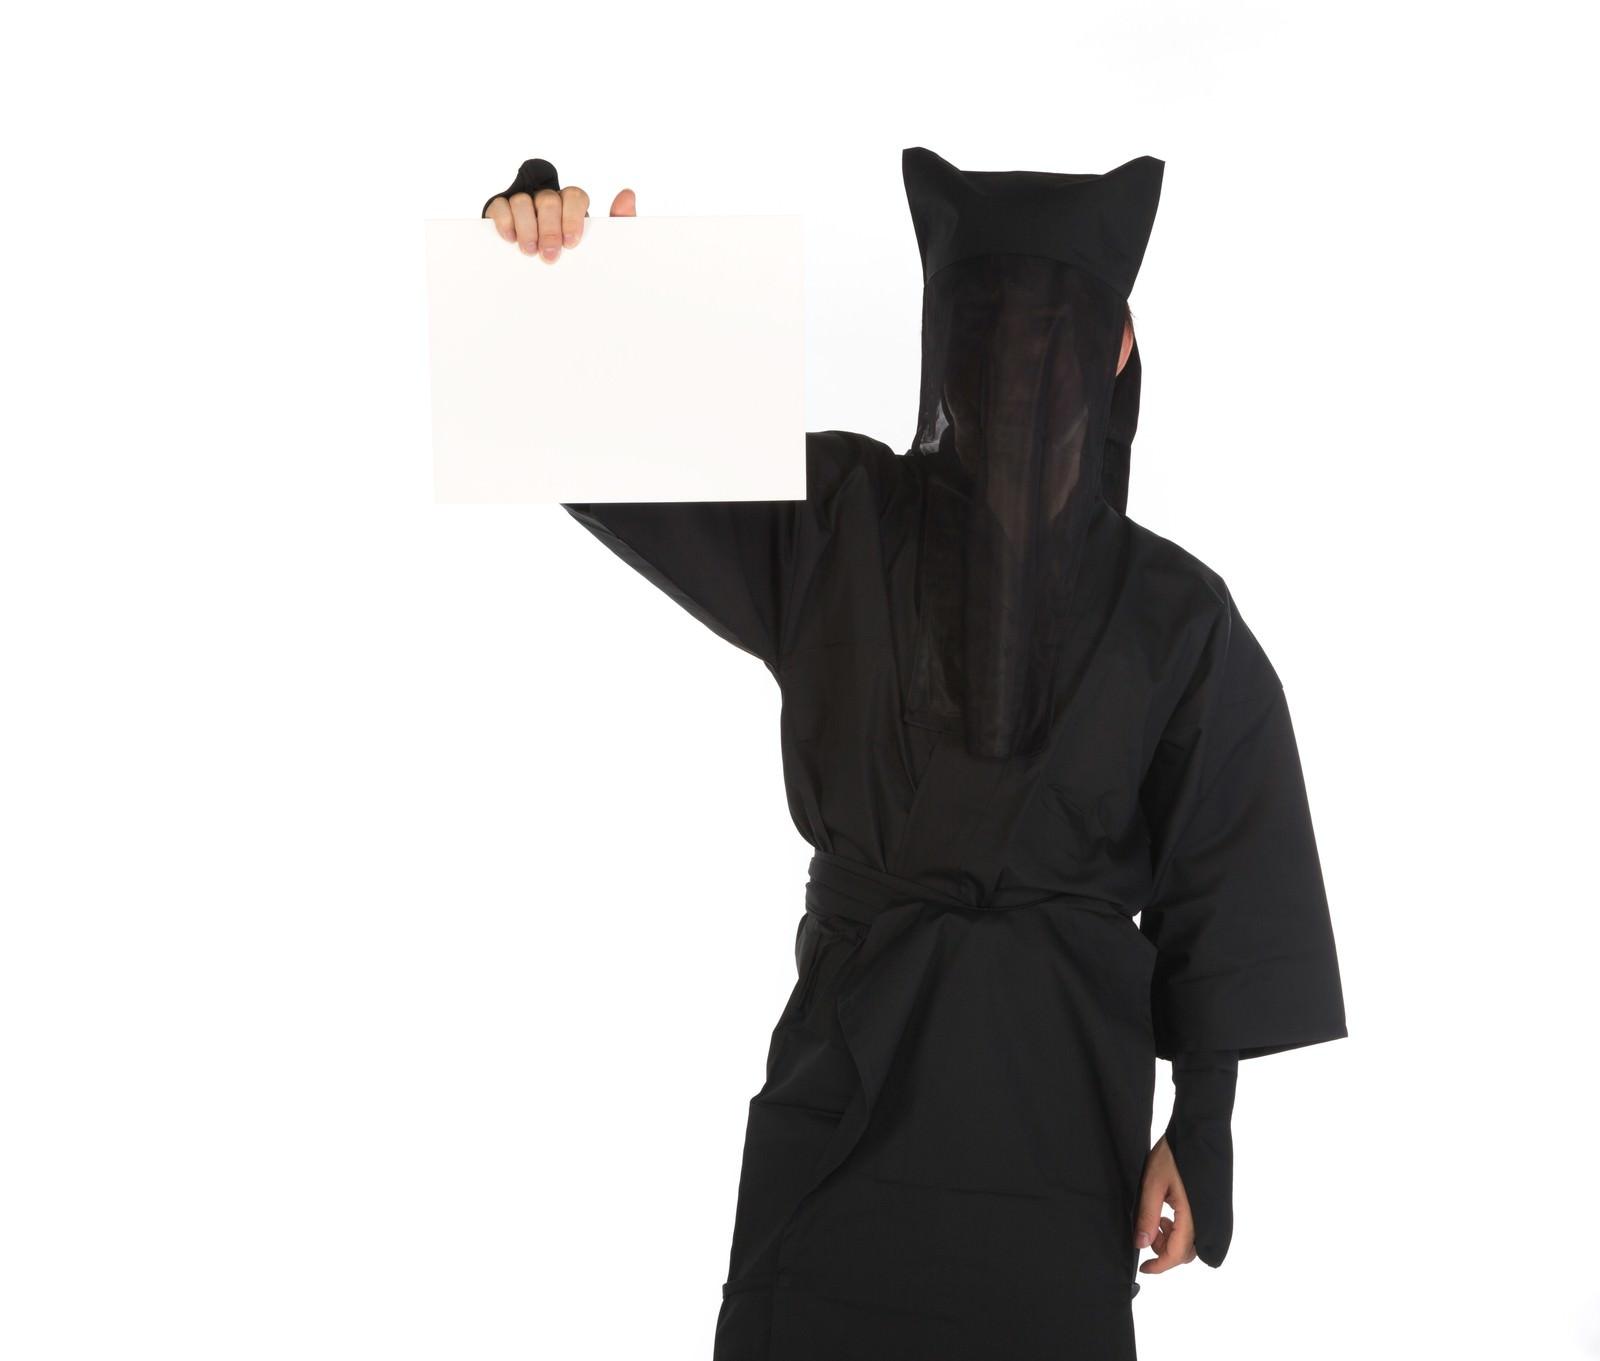 「カンペを持った黒子」の写真[モデル:鈴木秀]